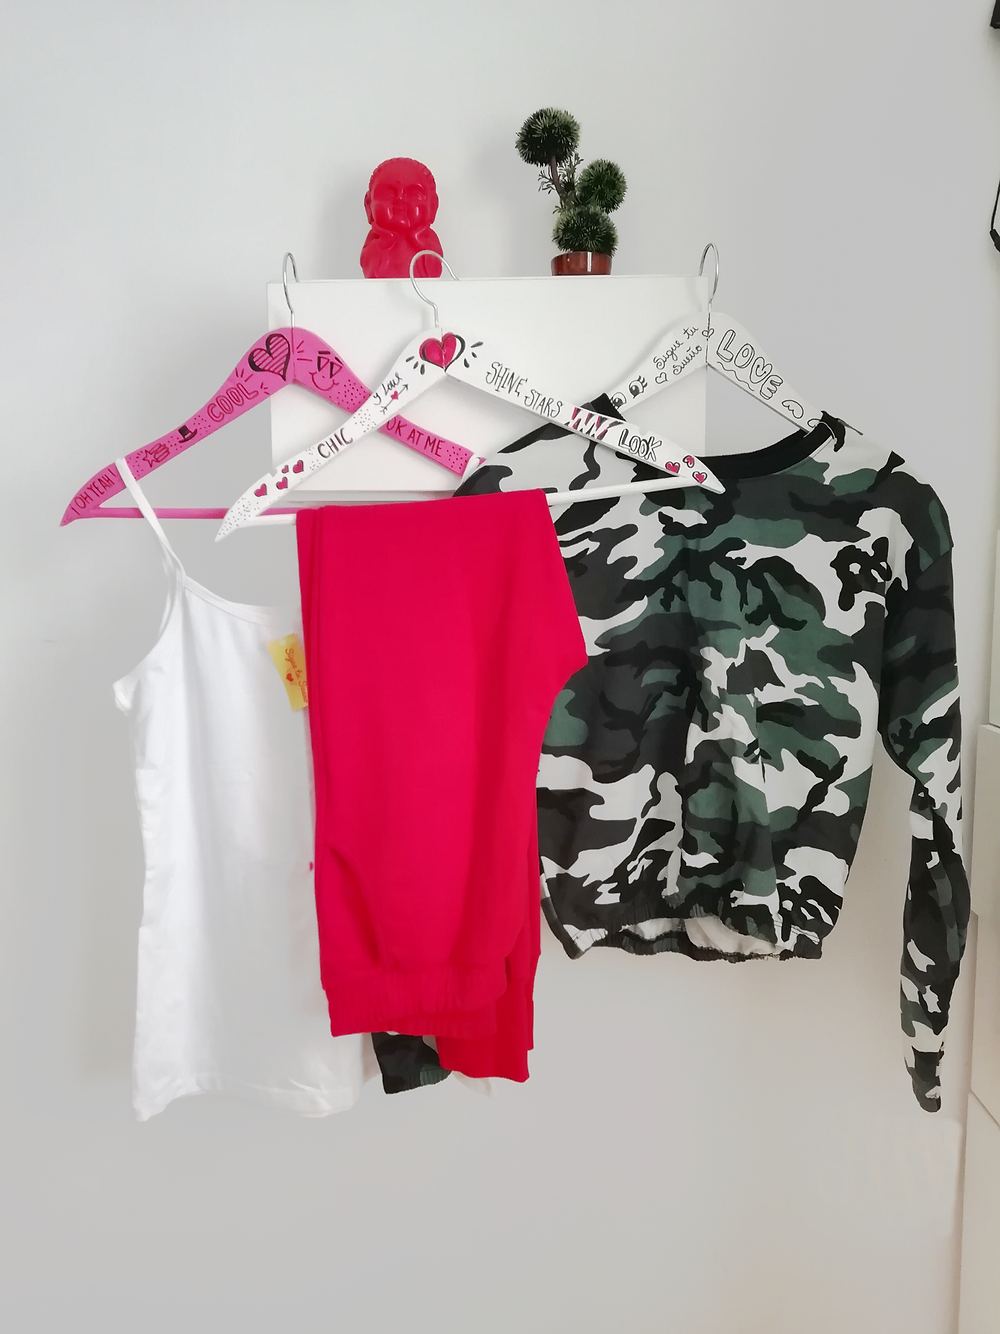 Remera blanca con jogging y buzo camuflado